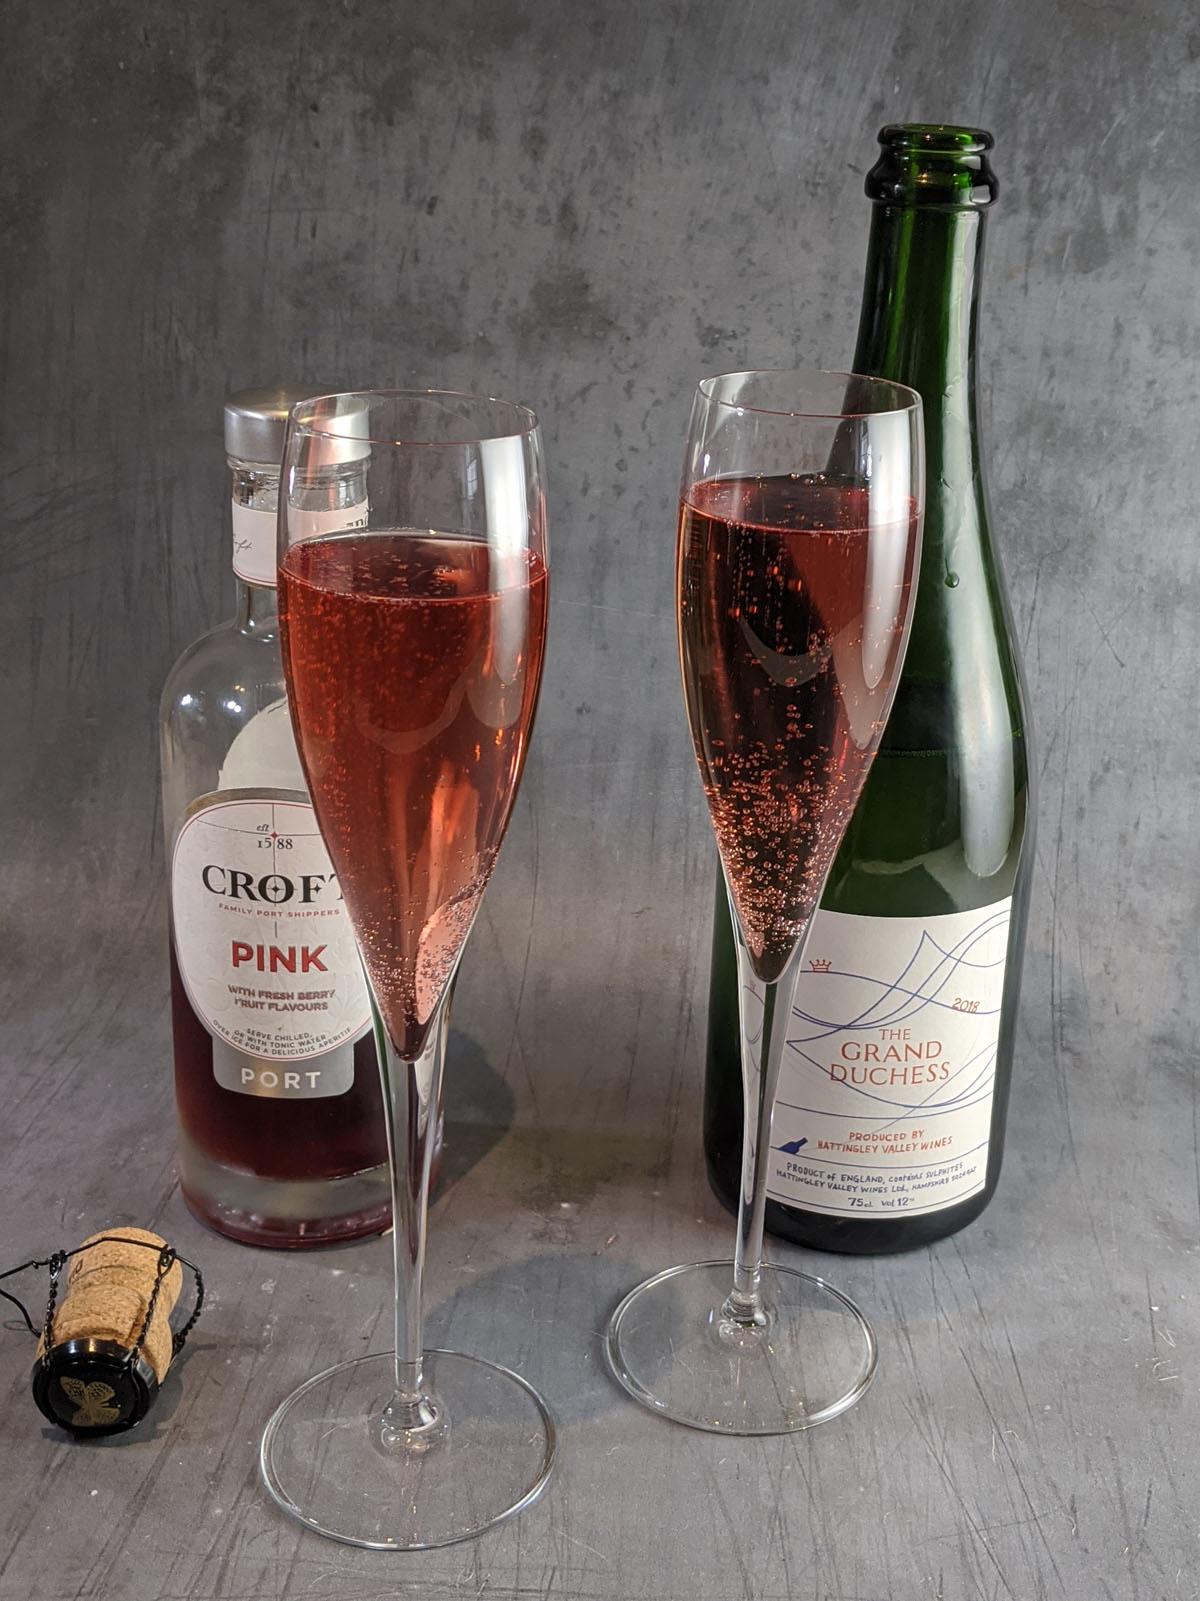 Croft Pink Port Cocktail